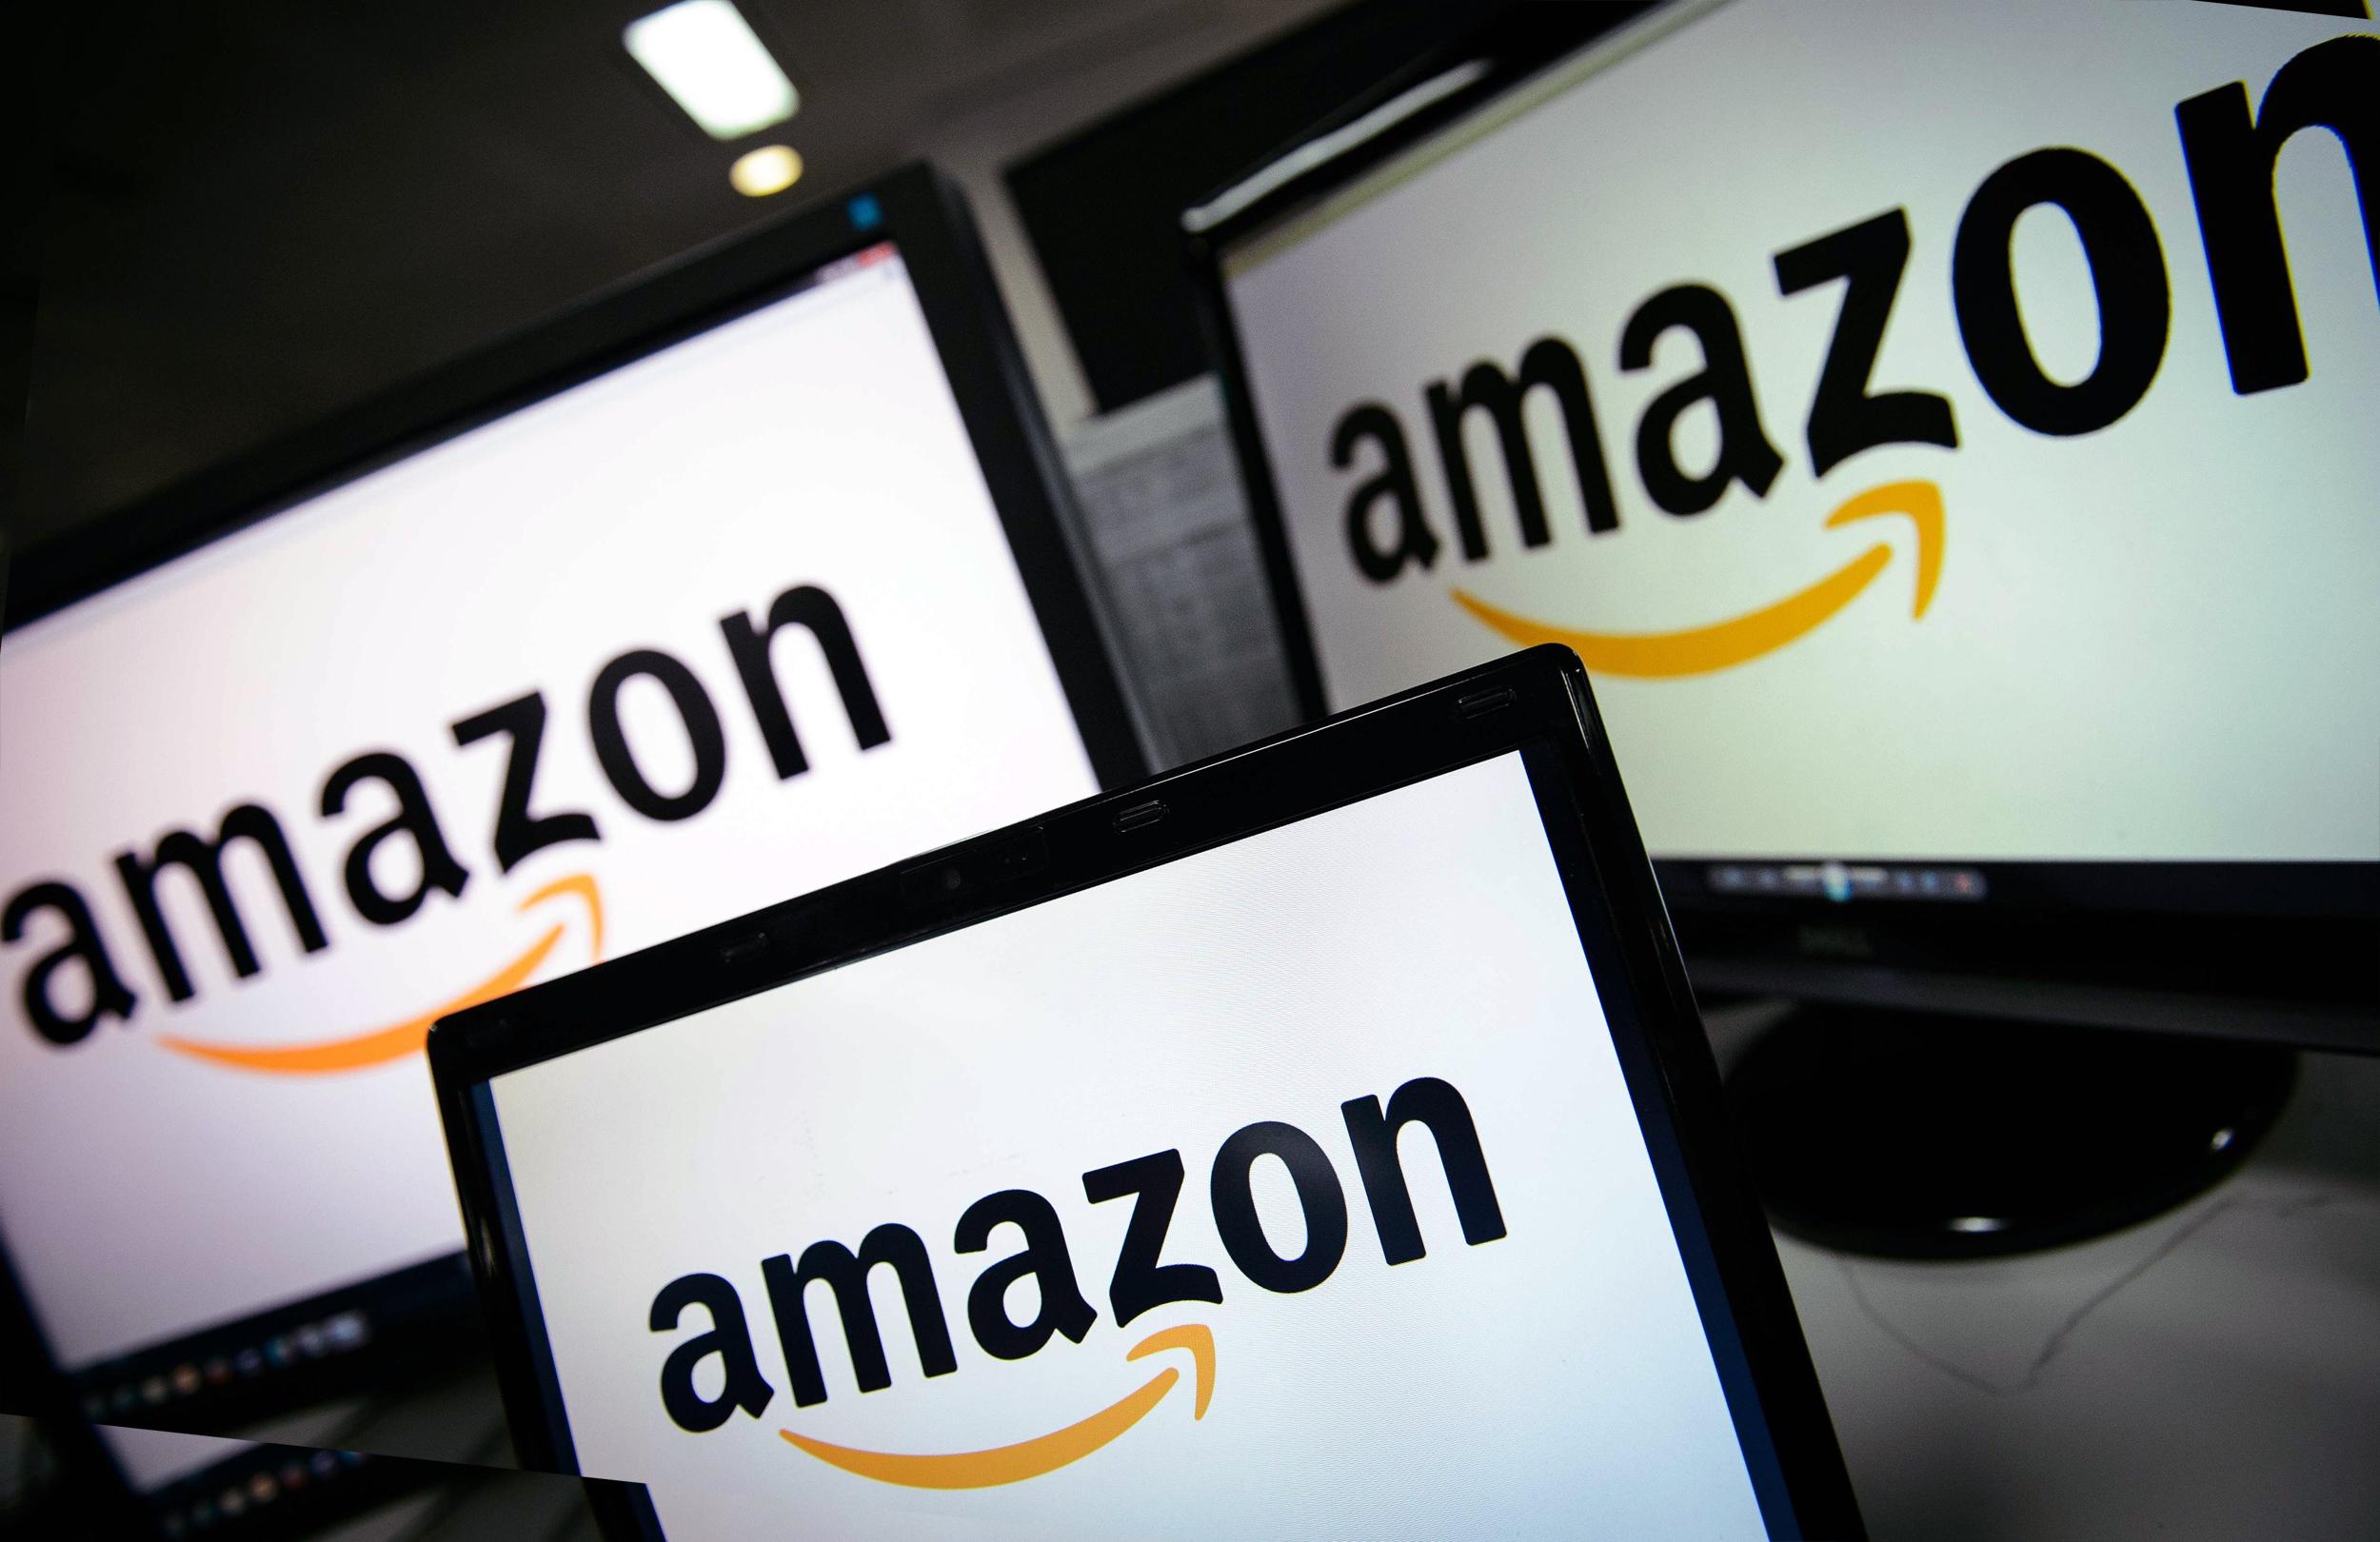 170915 amazon mn 1135 c850ab65307569ac0a1ddaa9ef16187c - Amazon avanza en Sudamérica: Abre oficina en Argentina y se une con Telefónica para operar en Perú